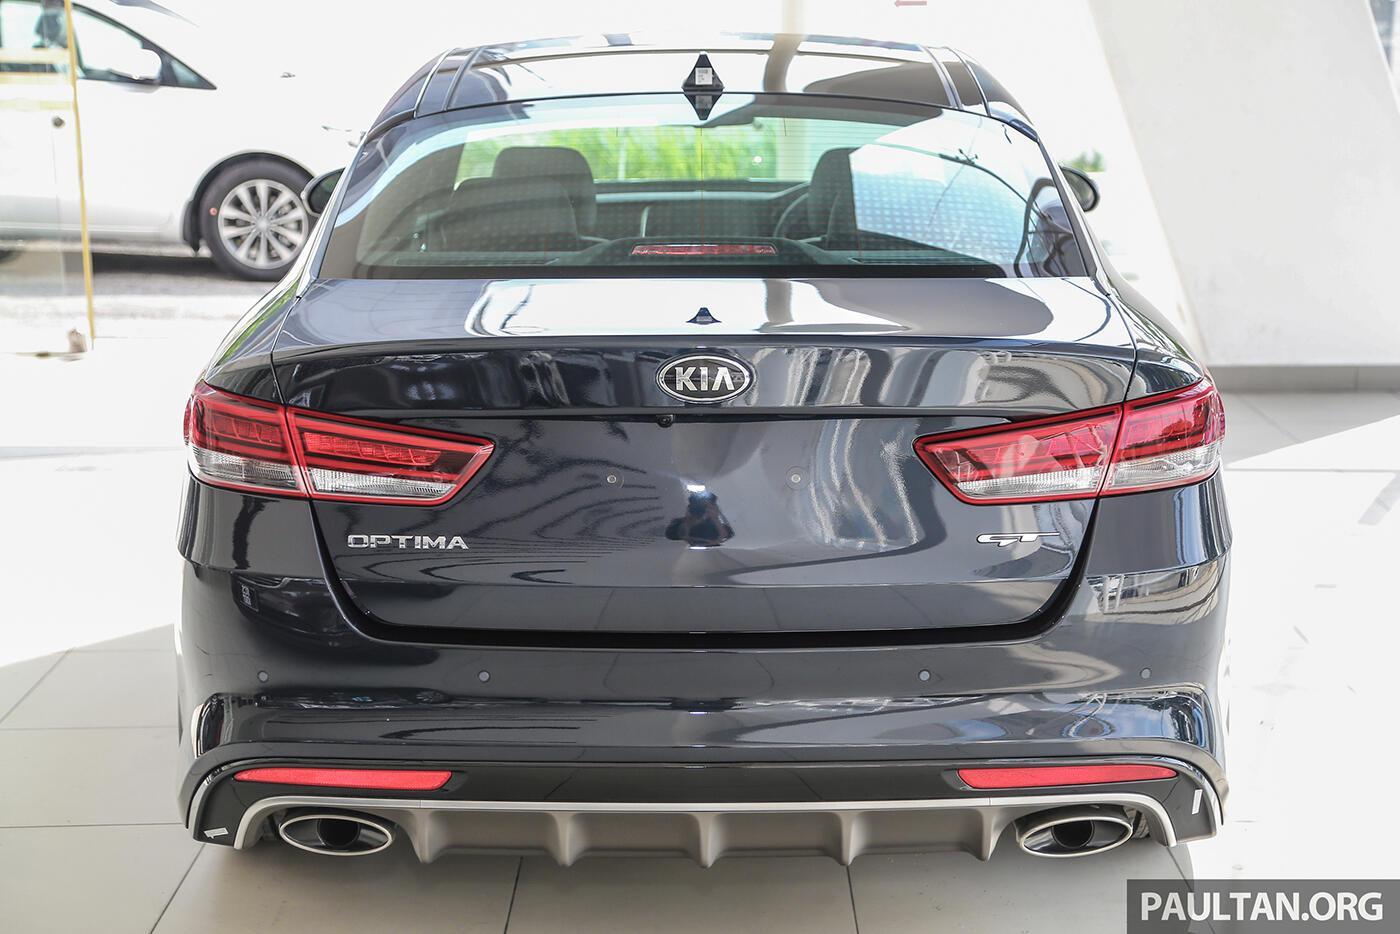 Xem thêm ảnh Kia Optima GT 2017 - Hình 4